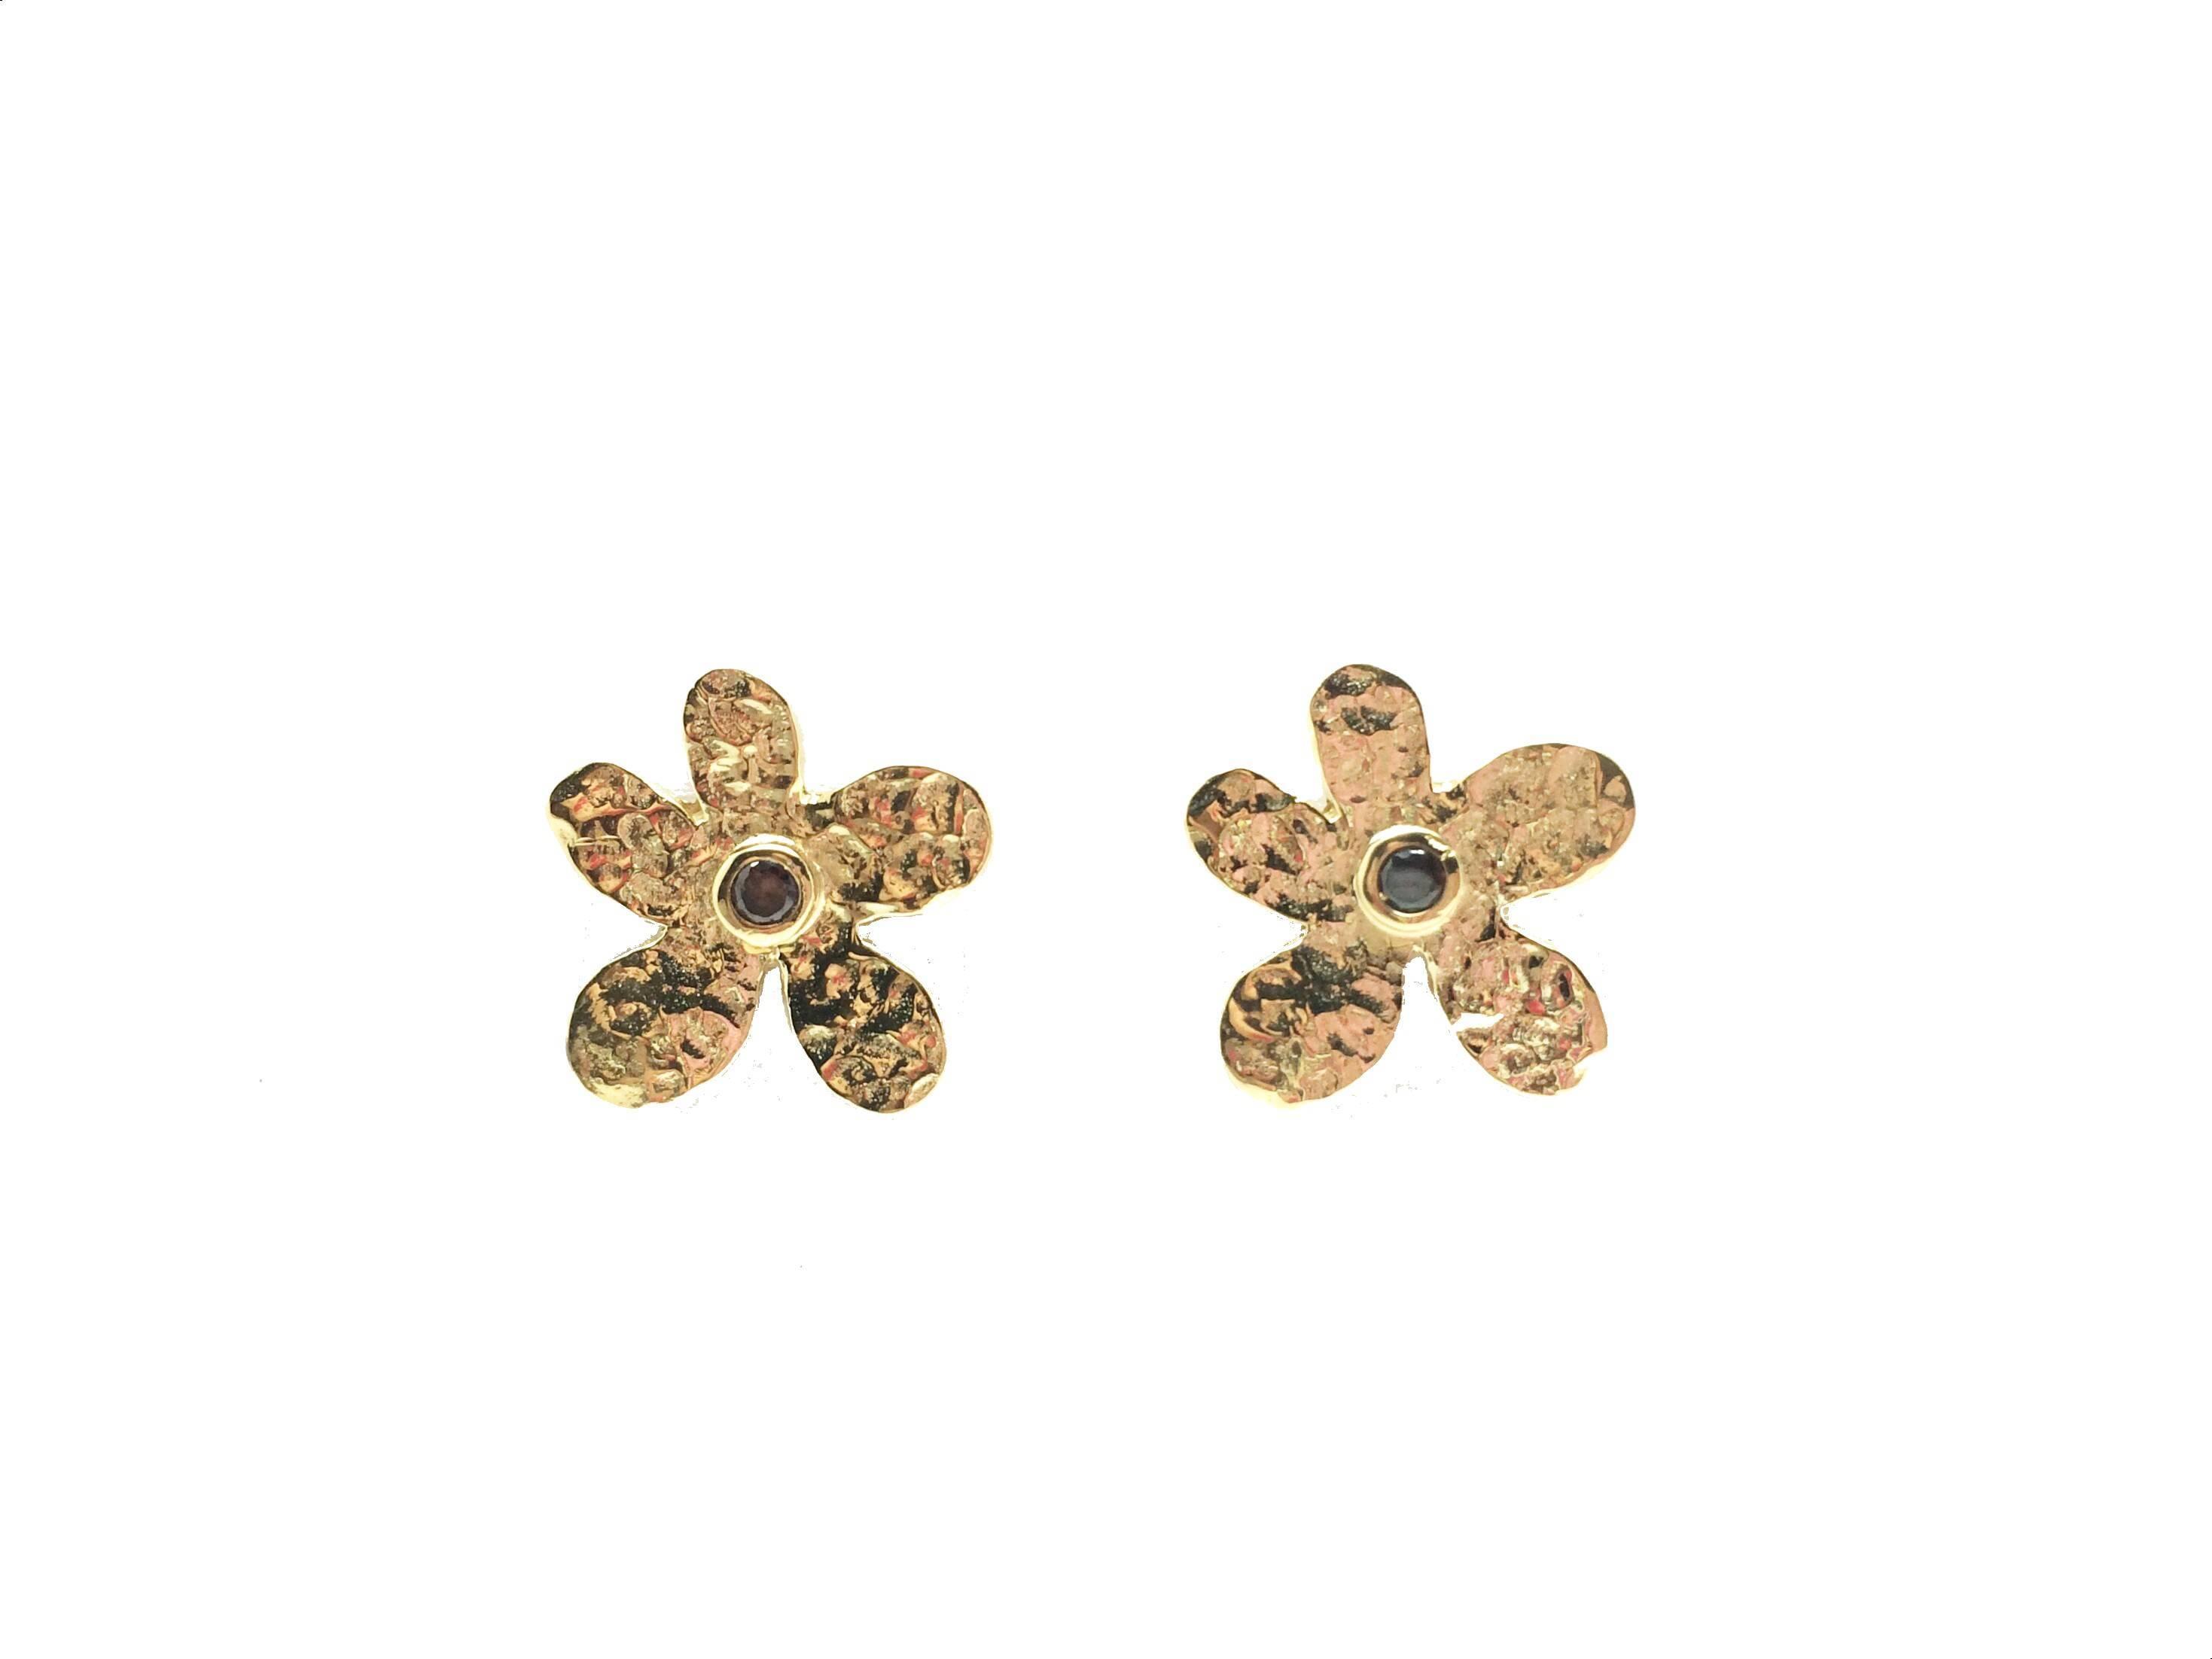 713f643520ca Pendientes de plata Flor Joyería Juan Luis Larráyoz Pamplona comprar  pendientes infinito